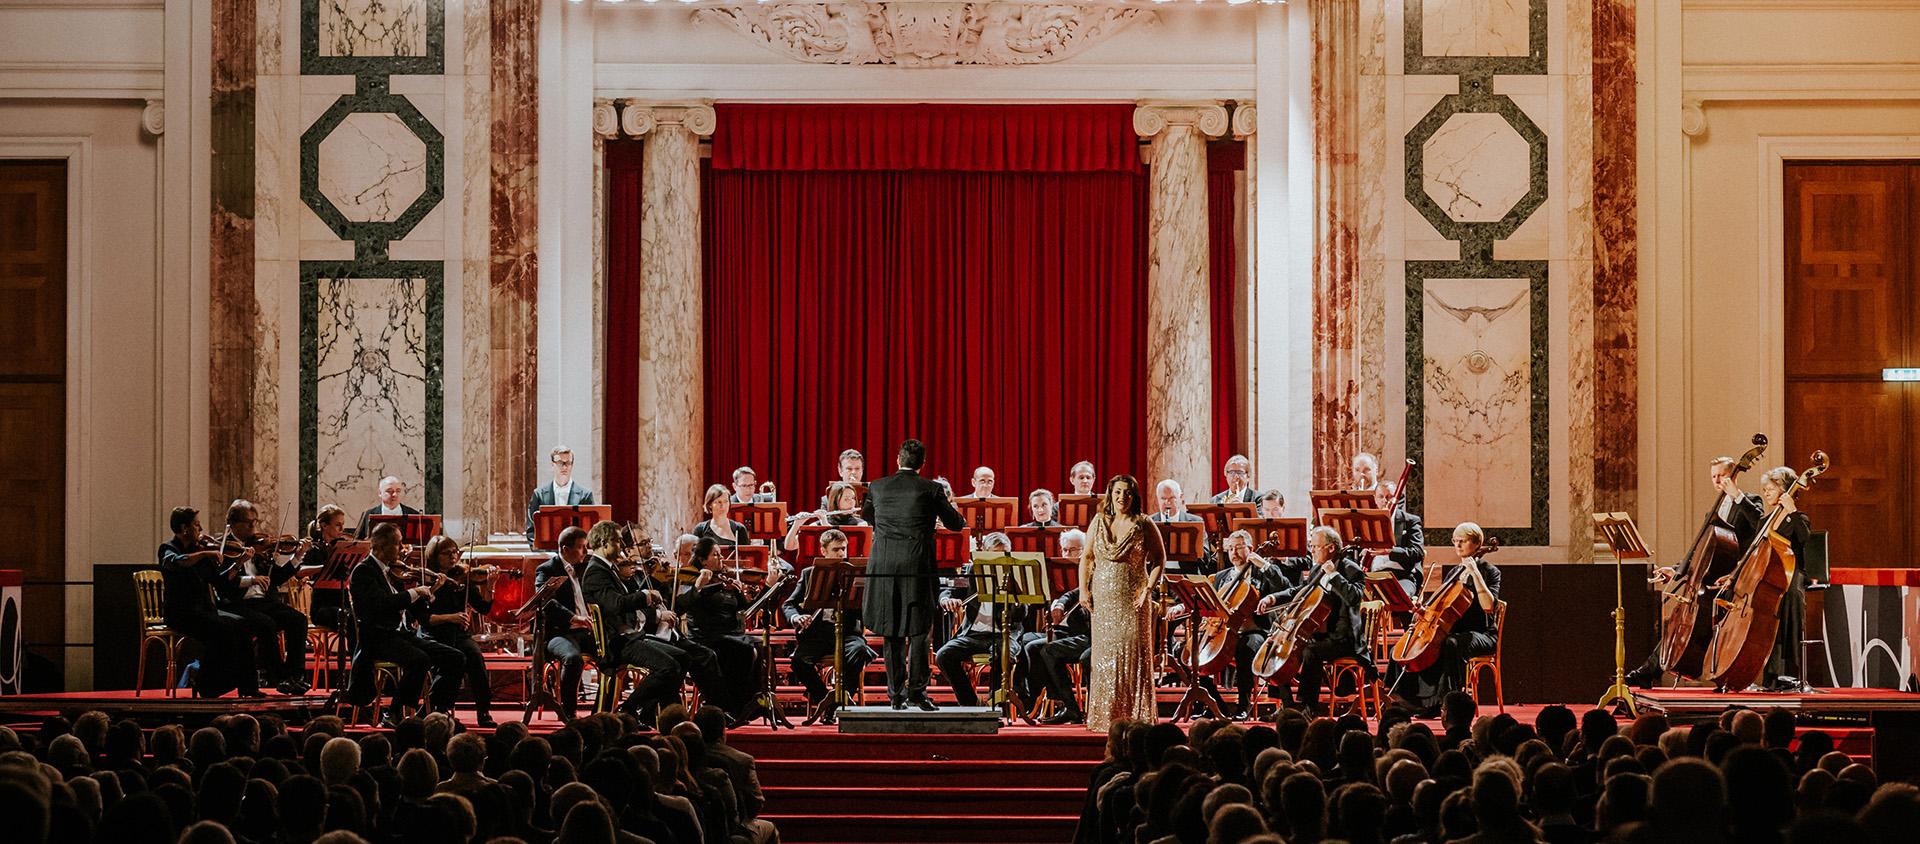 ウィーン王宮のボールルームでのセルヴァナ・サルマシとのクラシック音楽